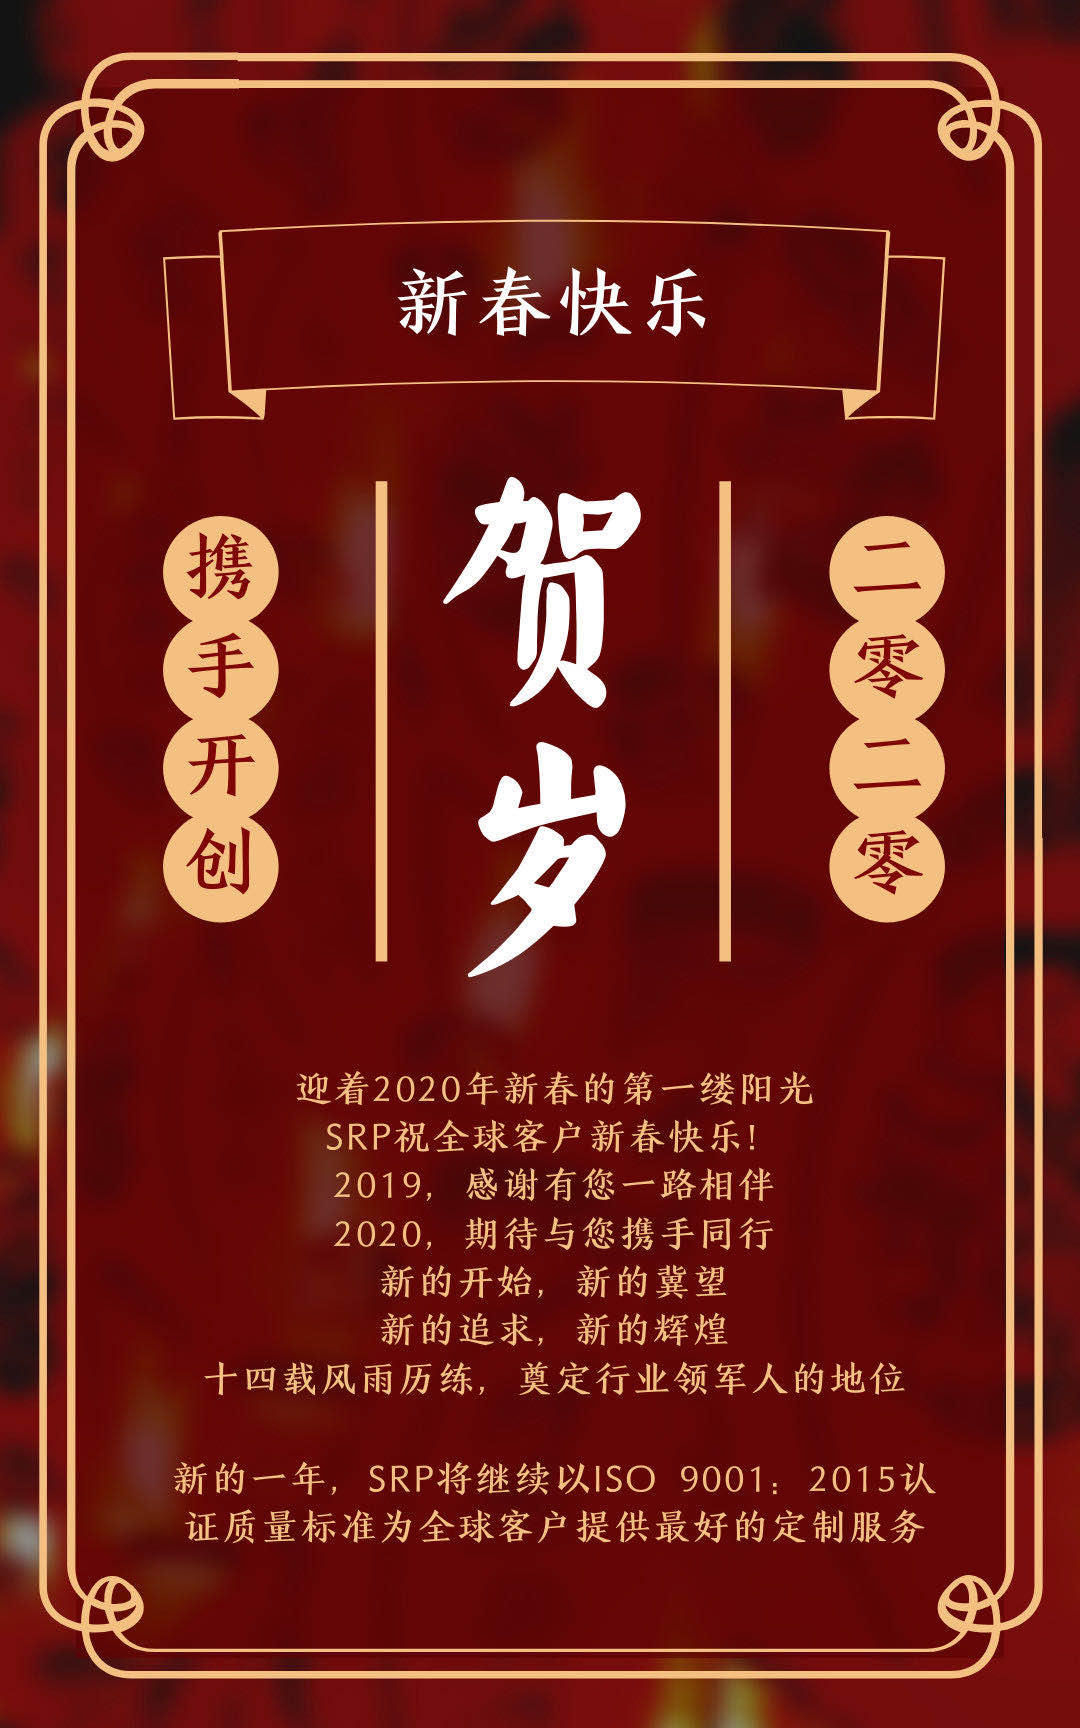 SRP祝全球客户新春快乐,继续携手开创2020